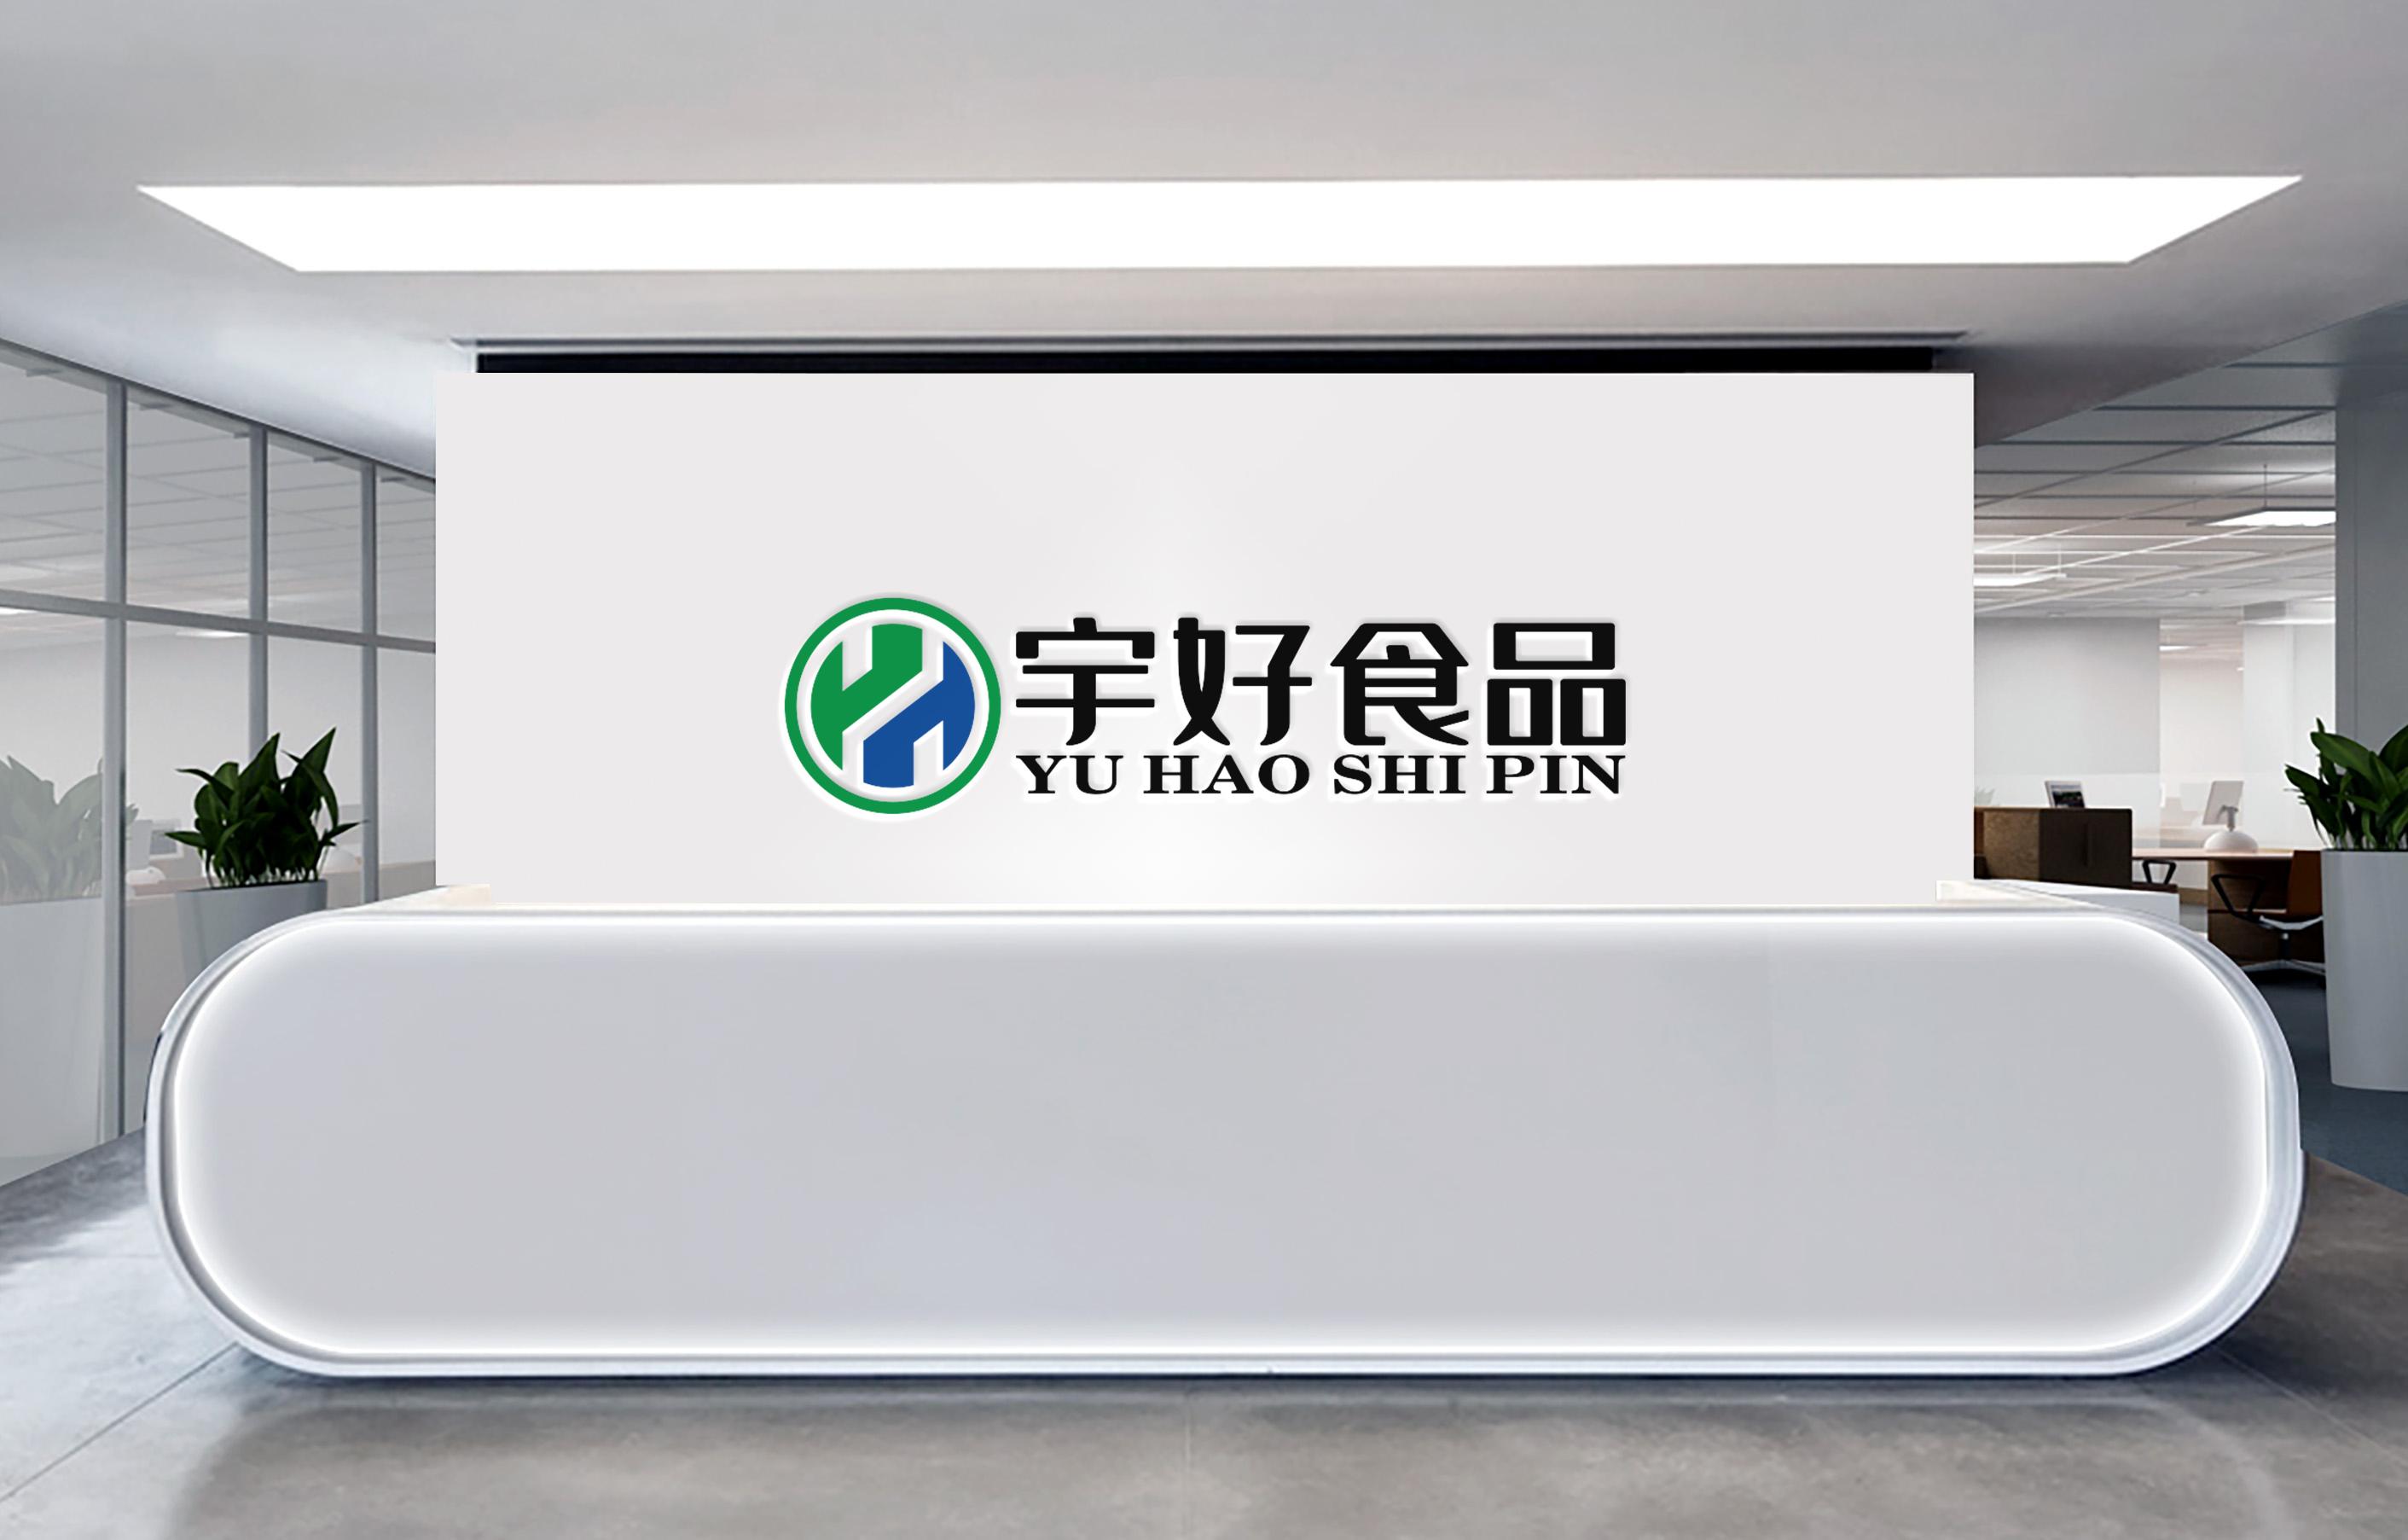 四川宇好食品有限公司LOGO和名片设计_3036259_k68威客网